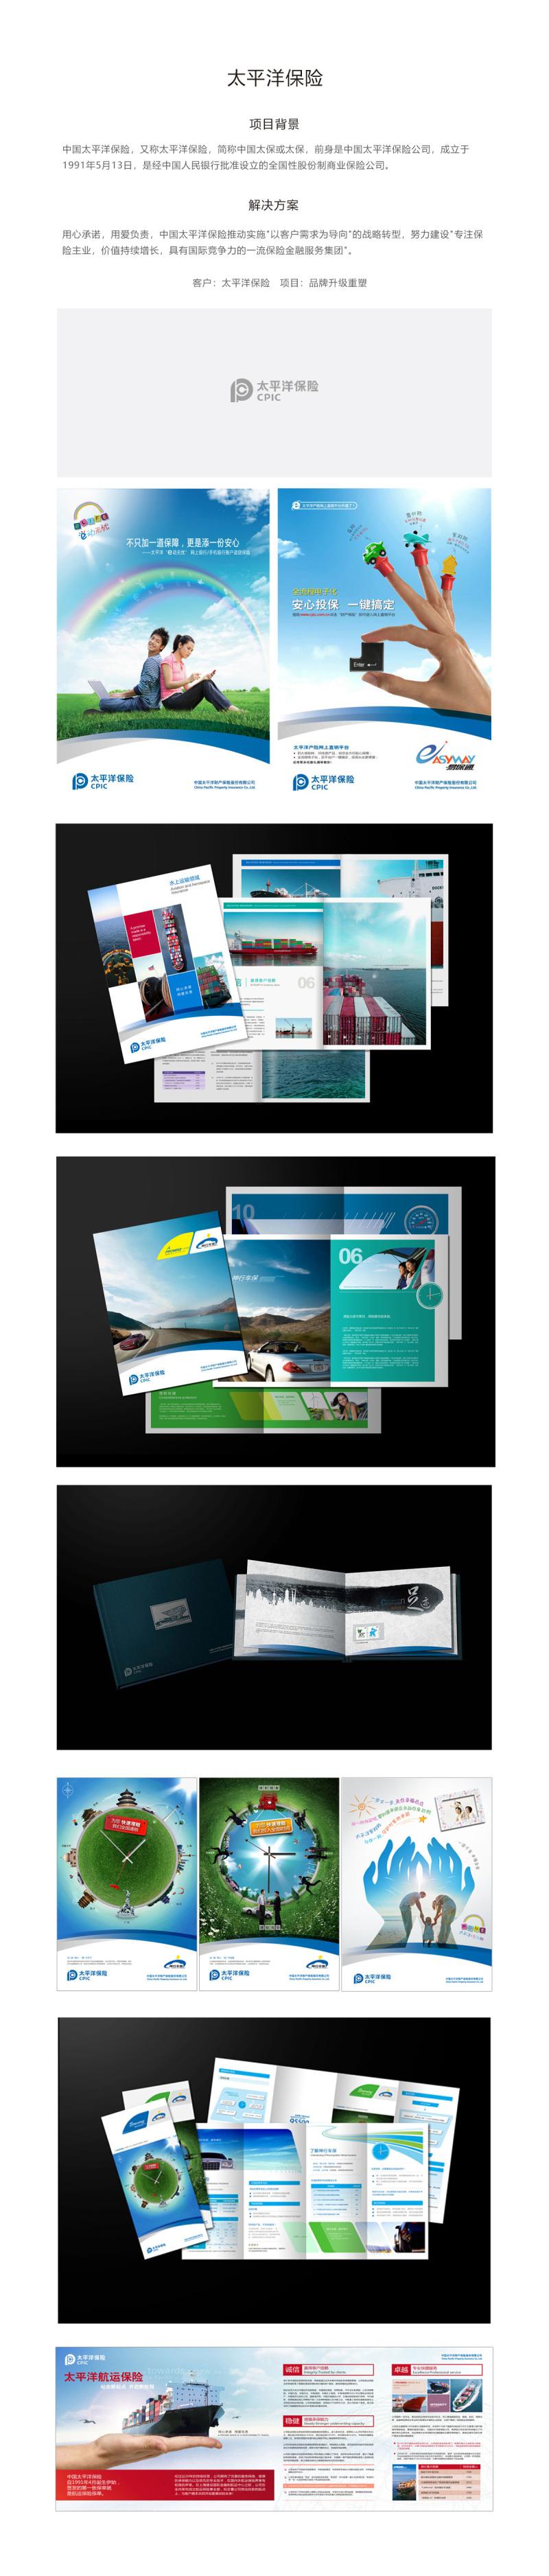 太平洋保险品牌设计